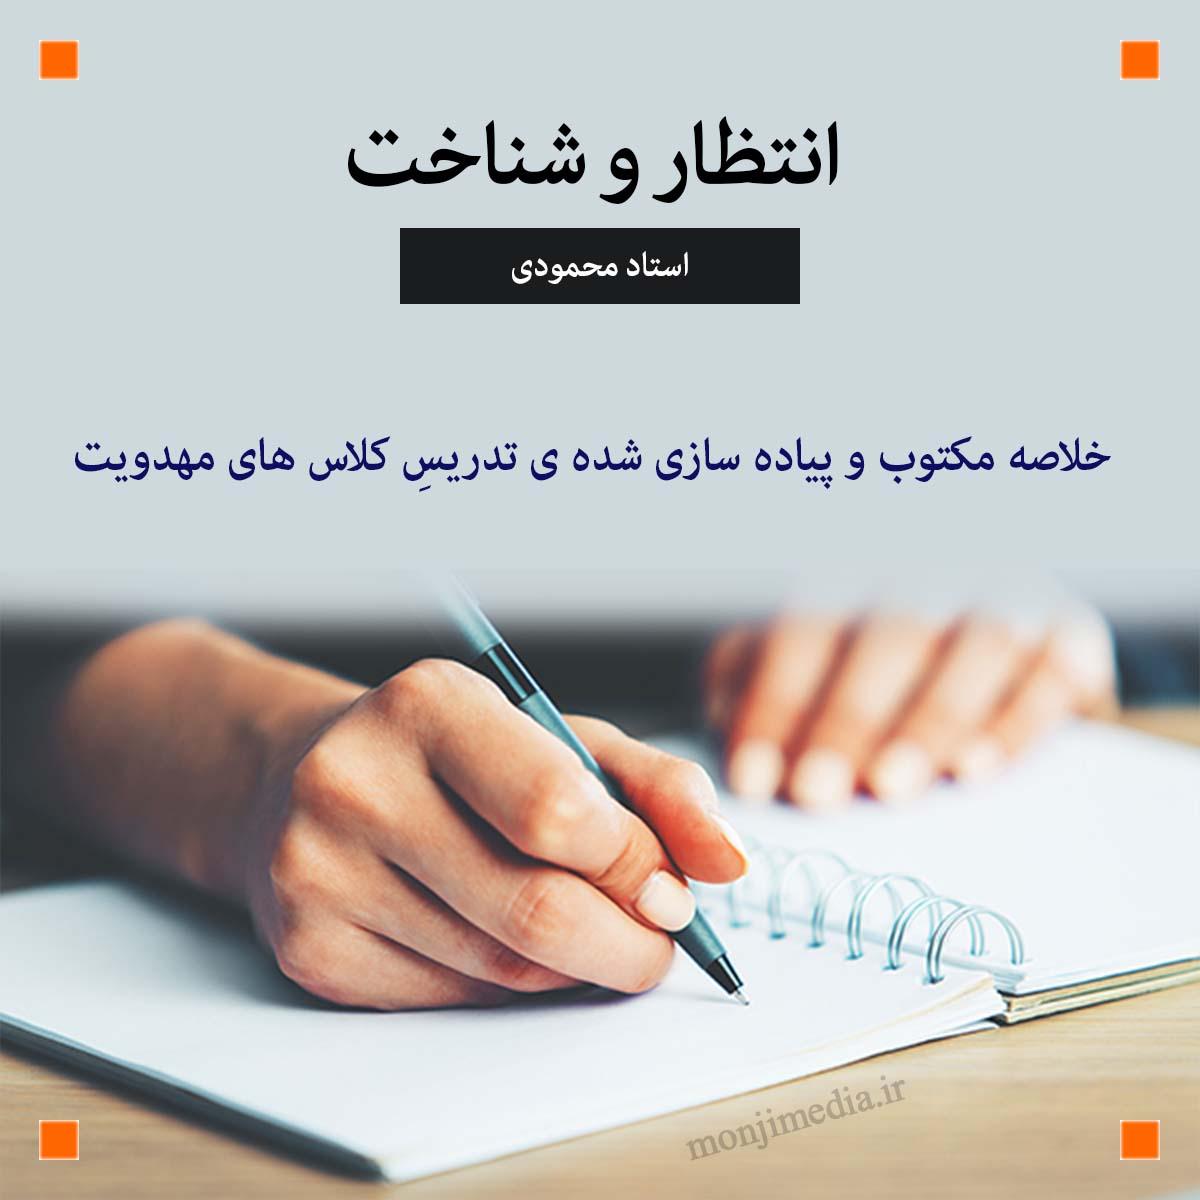 """خلاصه مکتوب """"انتظار و شناخت"""" - استاد محمودی"""